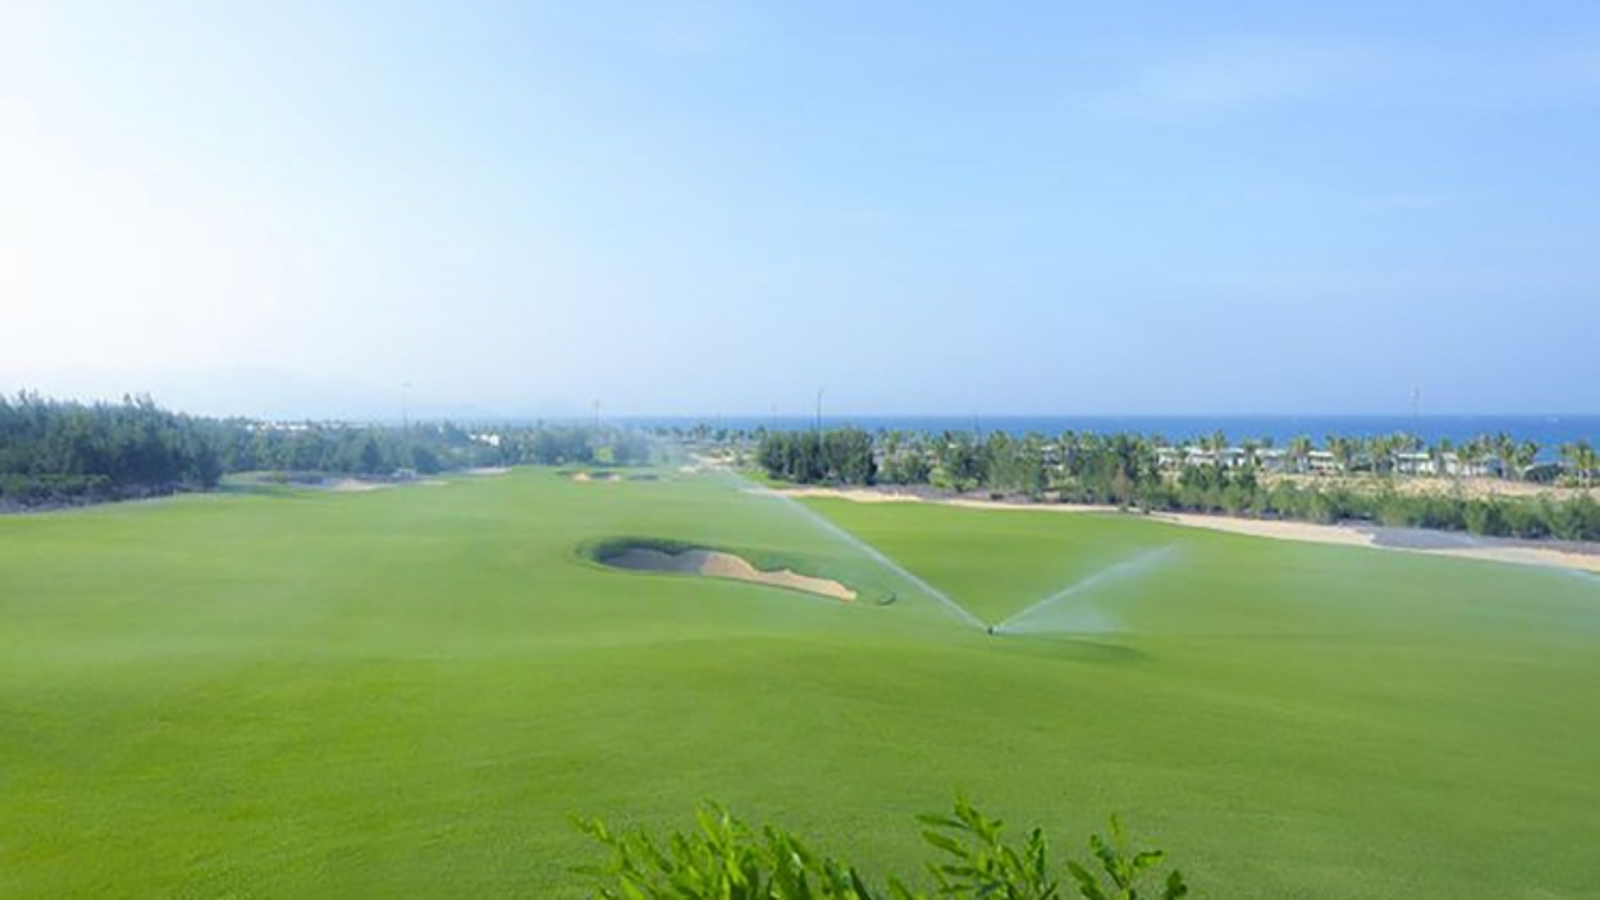 Giám đốc Sở Du lịch Bình Định tiếp xúc với F0 tại sân golf